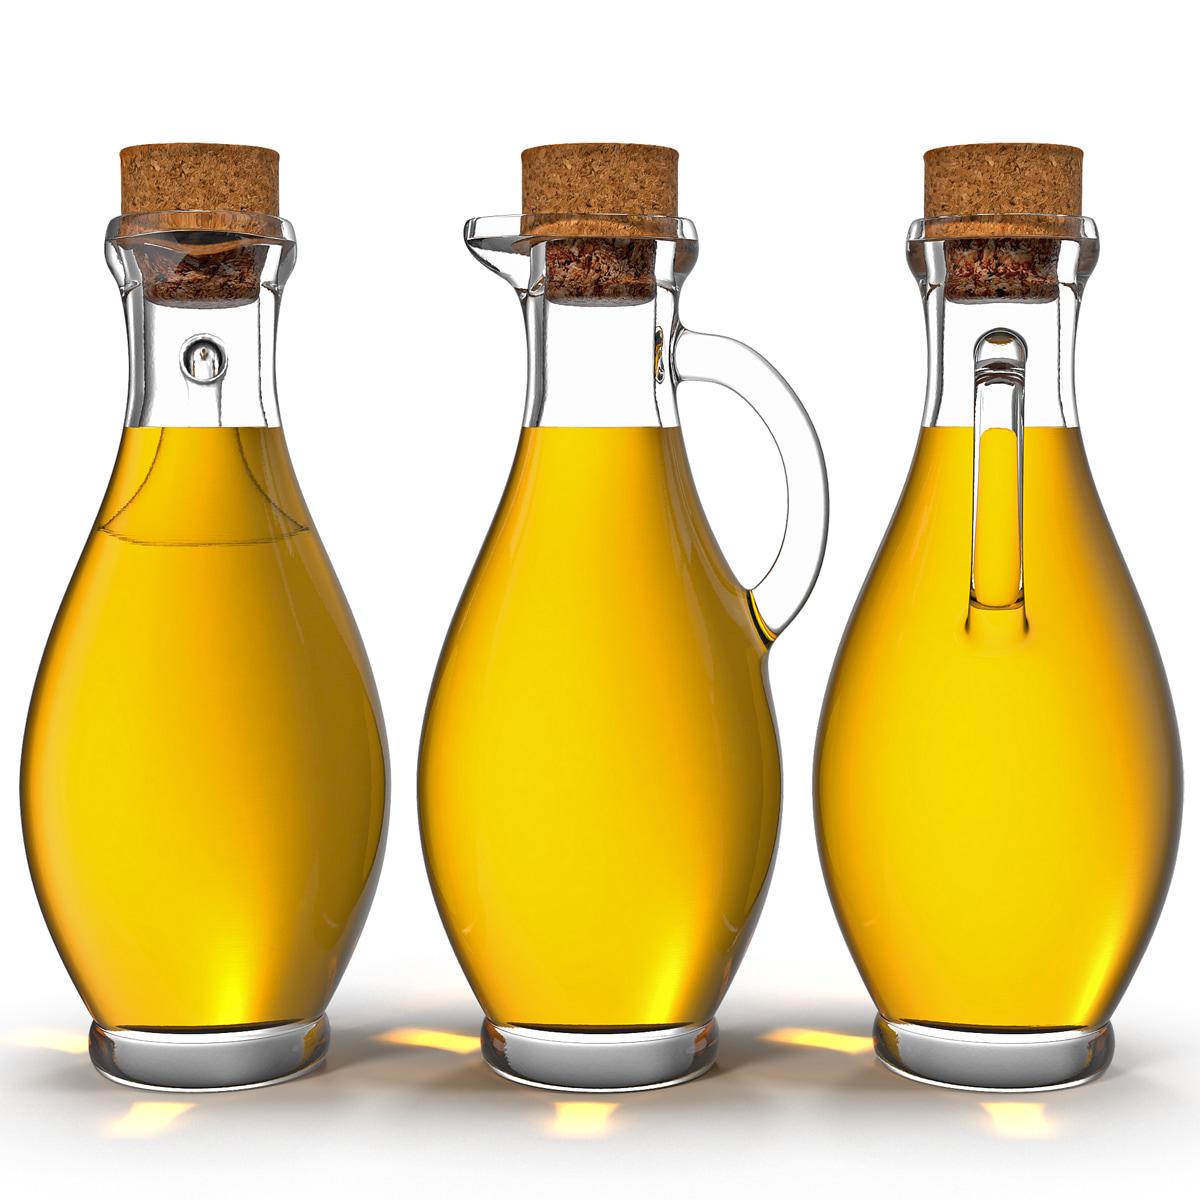 Olive_Oil_Bottle_001.jpg